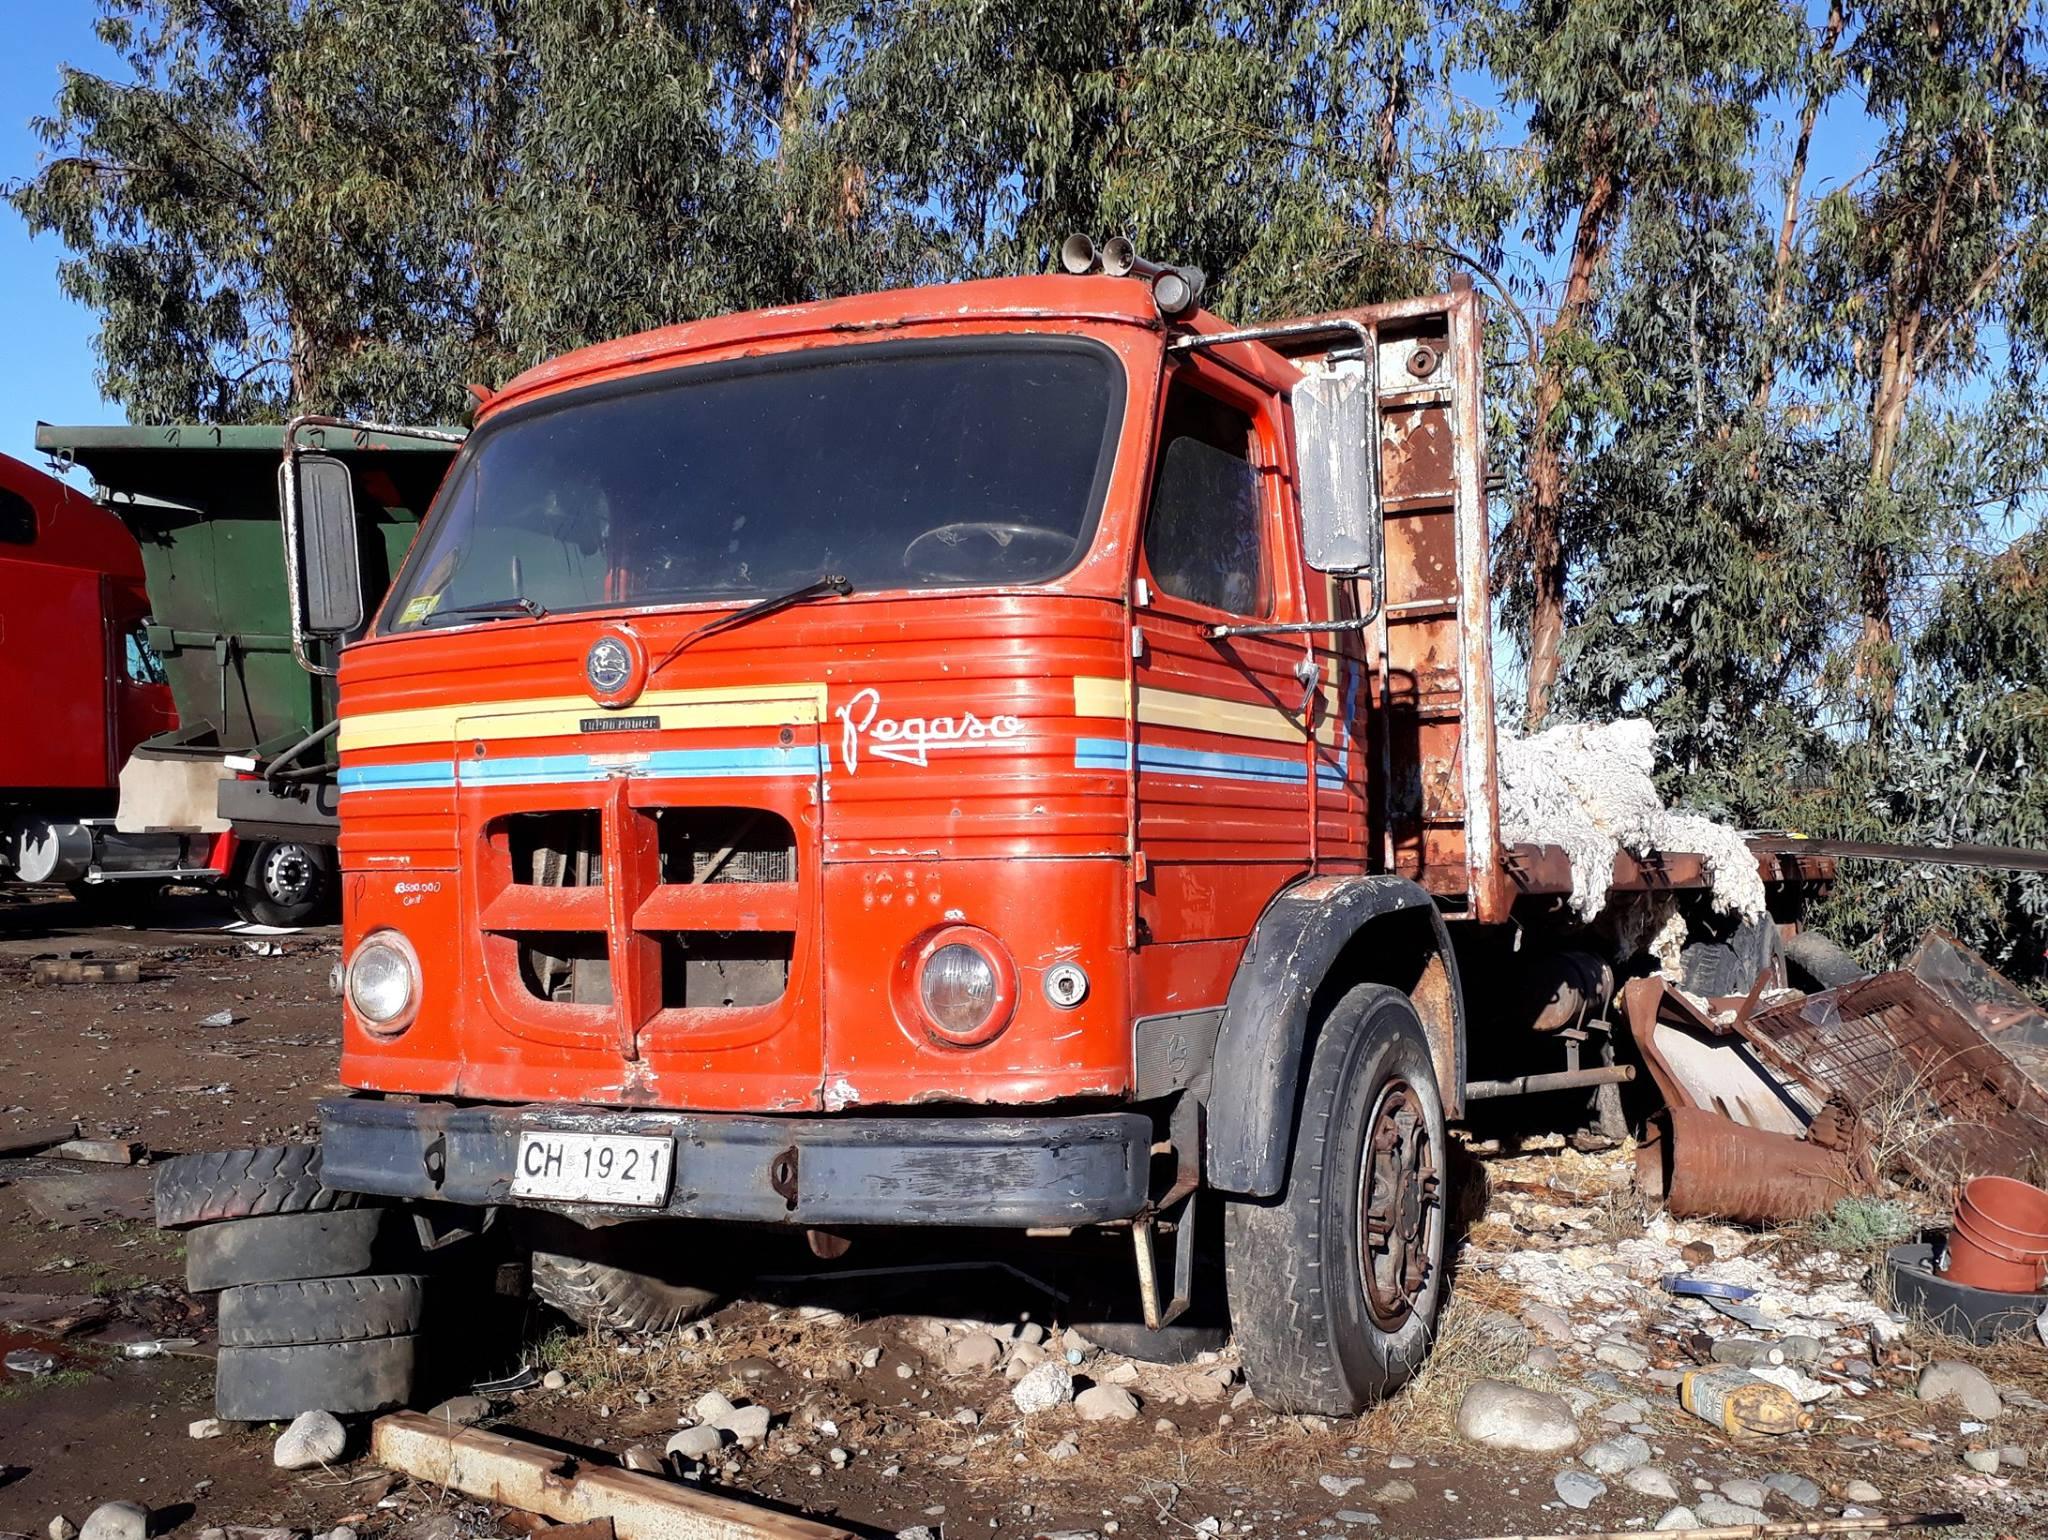 Camiones-vieja-escuela-olvidados-135